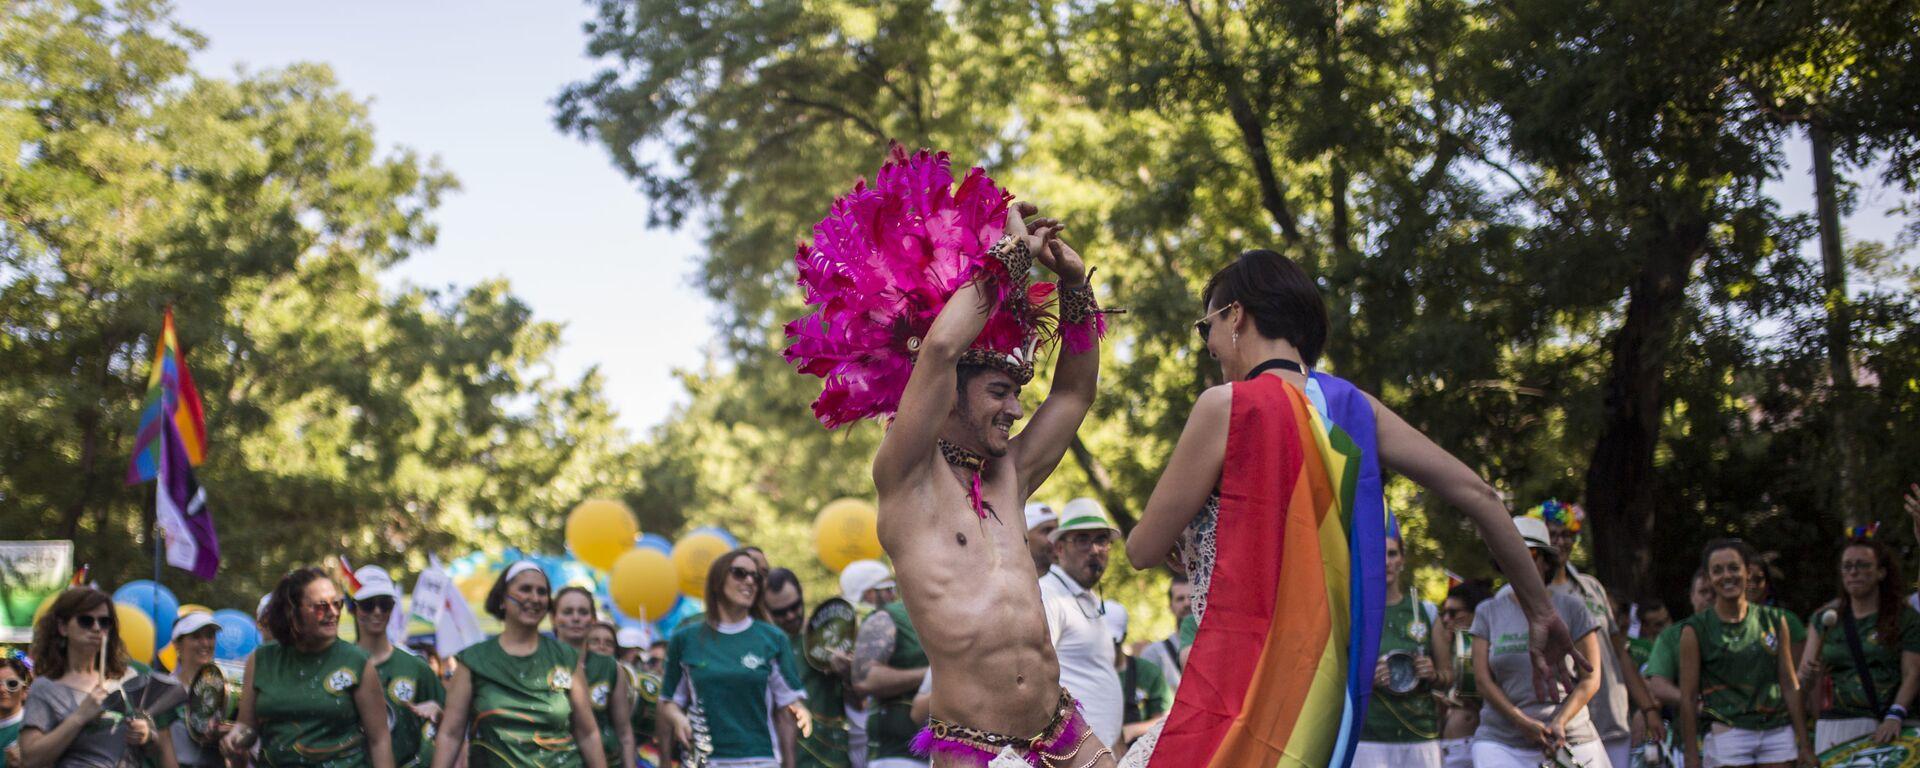 Parada LGBT w Madrycie - Sputnik Polska, 1920, 14.03.2021